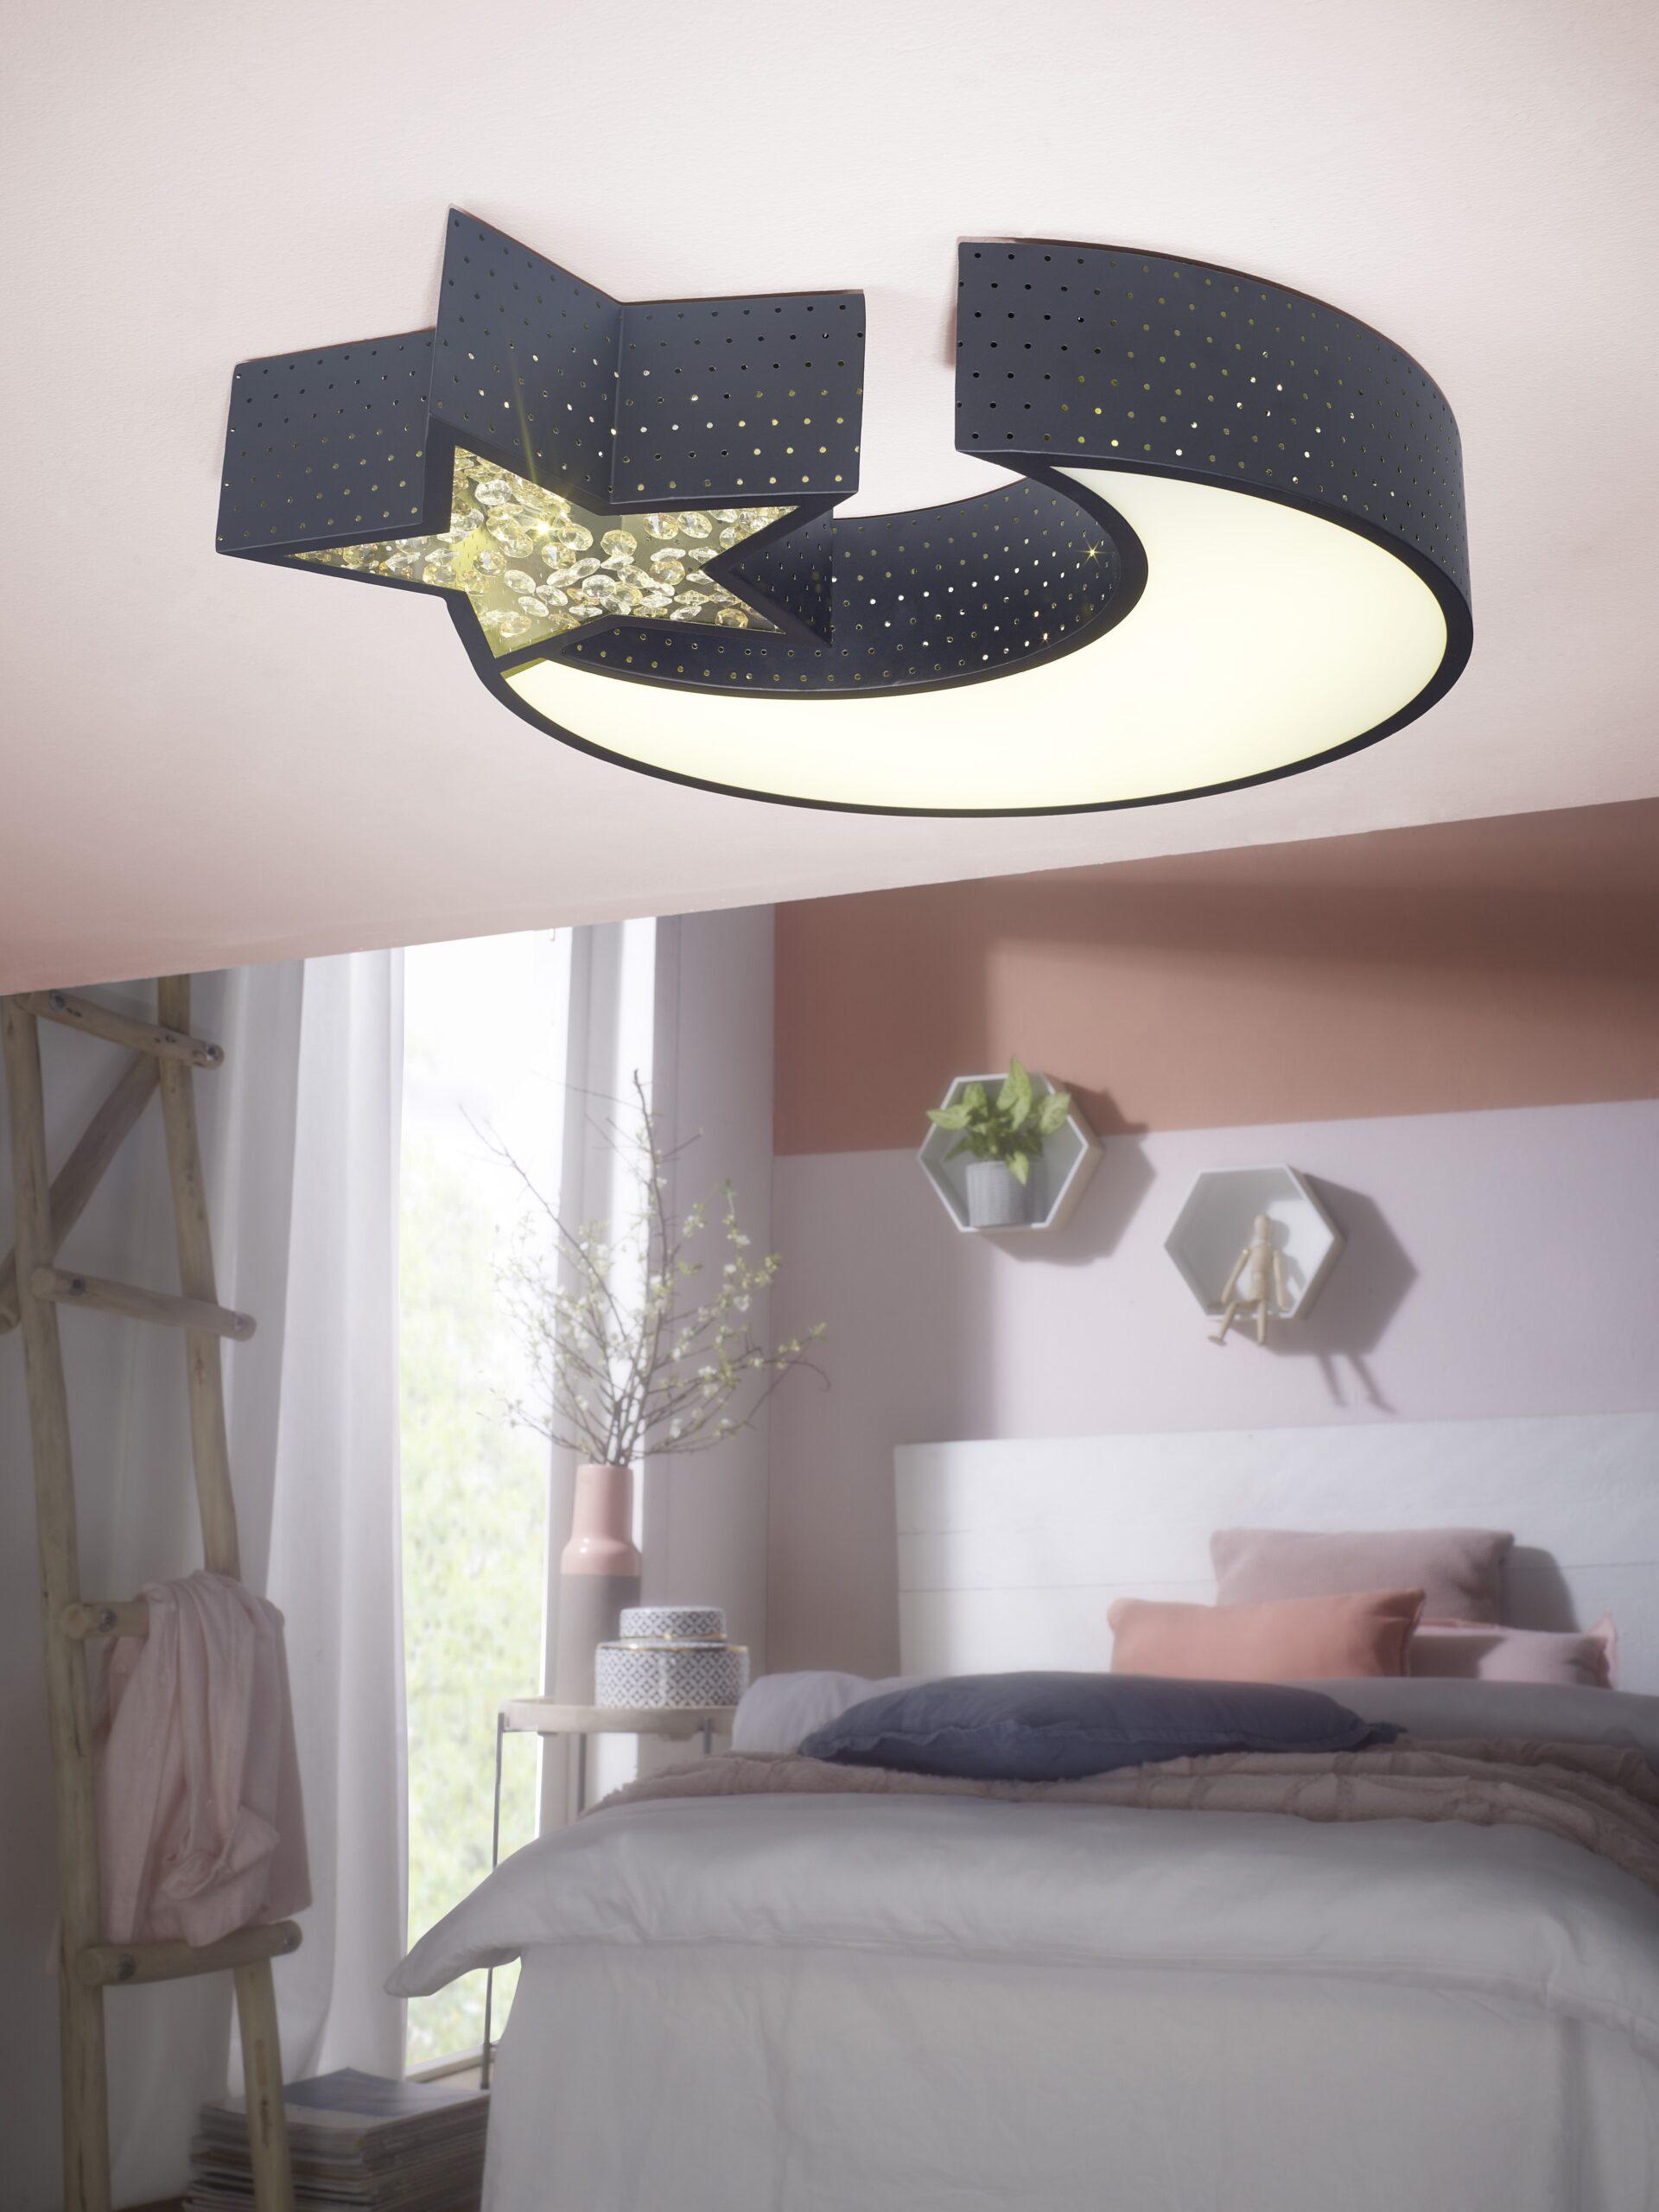 Full Size of Deckenlampe Schlafzimmer Modern Lampe Deckenleuchte Schwarz Komplett Poco Moderne Landhausküche Romantische Komplette Stuhl Für Regal Led Komplettes Gardinen Wohnzimmer Deckenlampe Schlafzimmer Modern